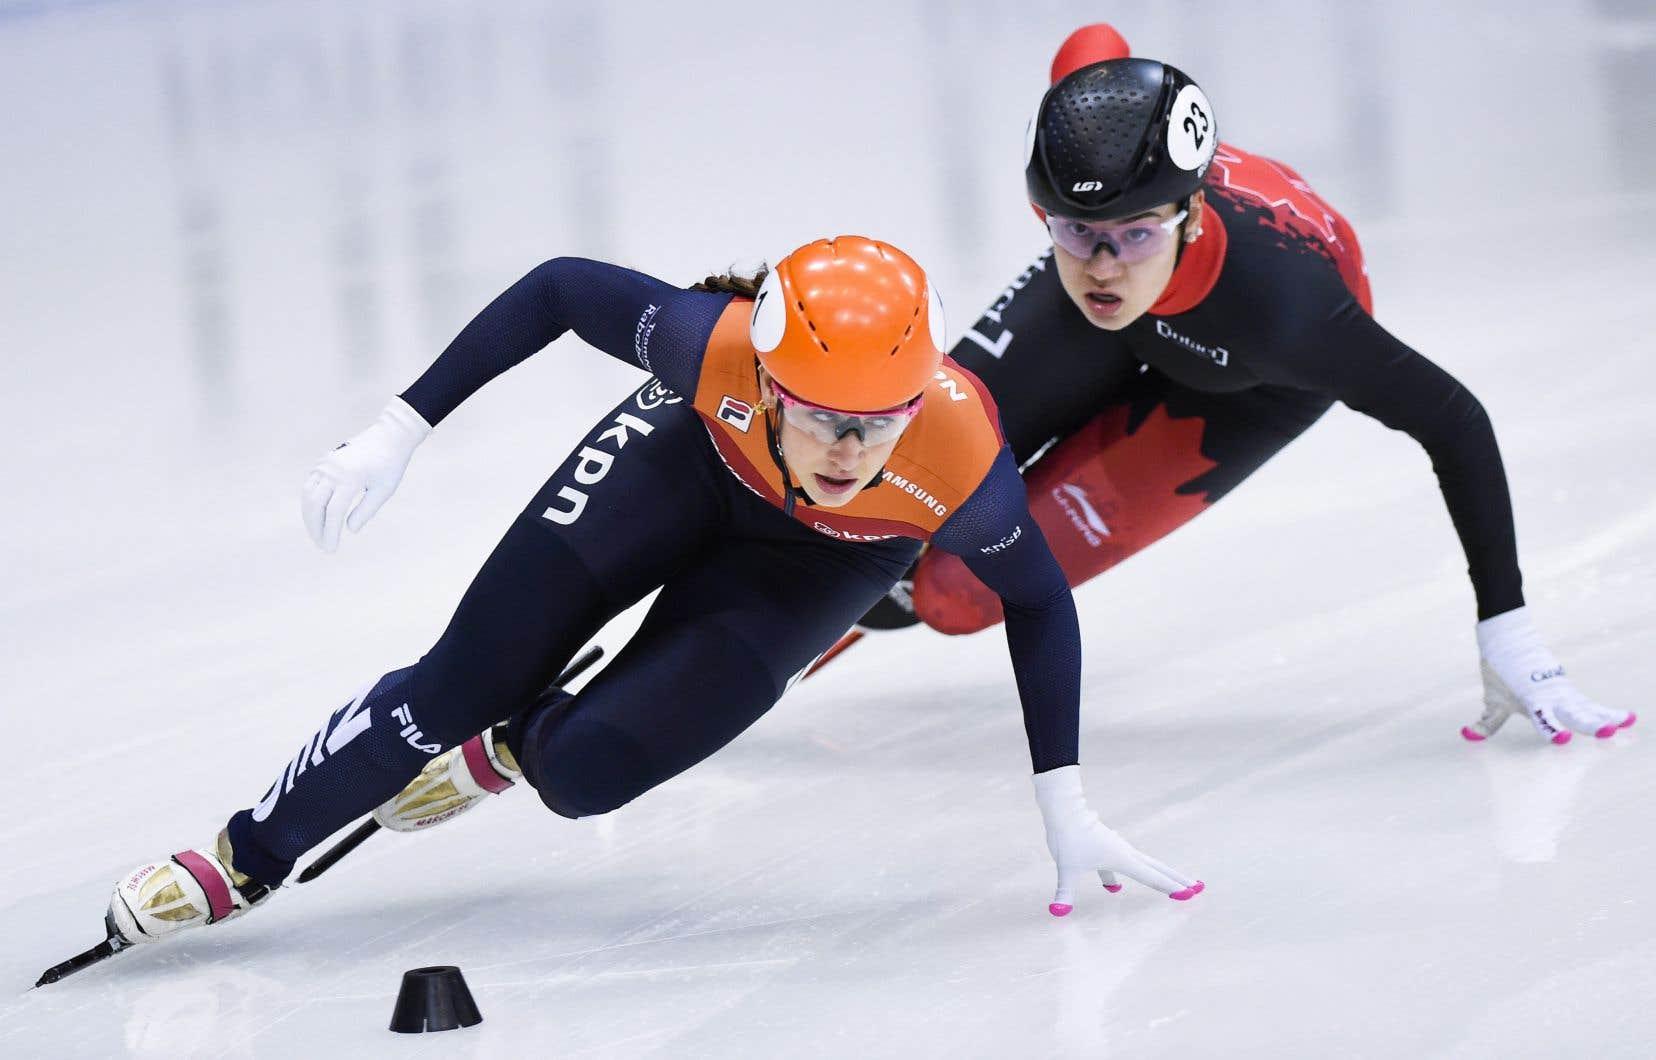 Courtney Sarault (à l'arrière-plan) a conclu une fin de semaine de rêve au deuxième rang du classement général avec 58 points, étant seulement devancée par la Hollandaise Suzanne Schulting (136).